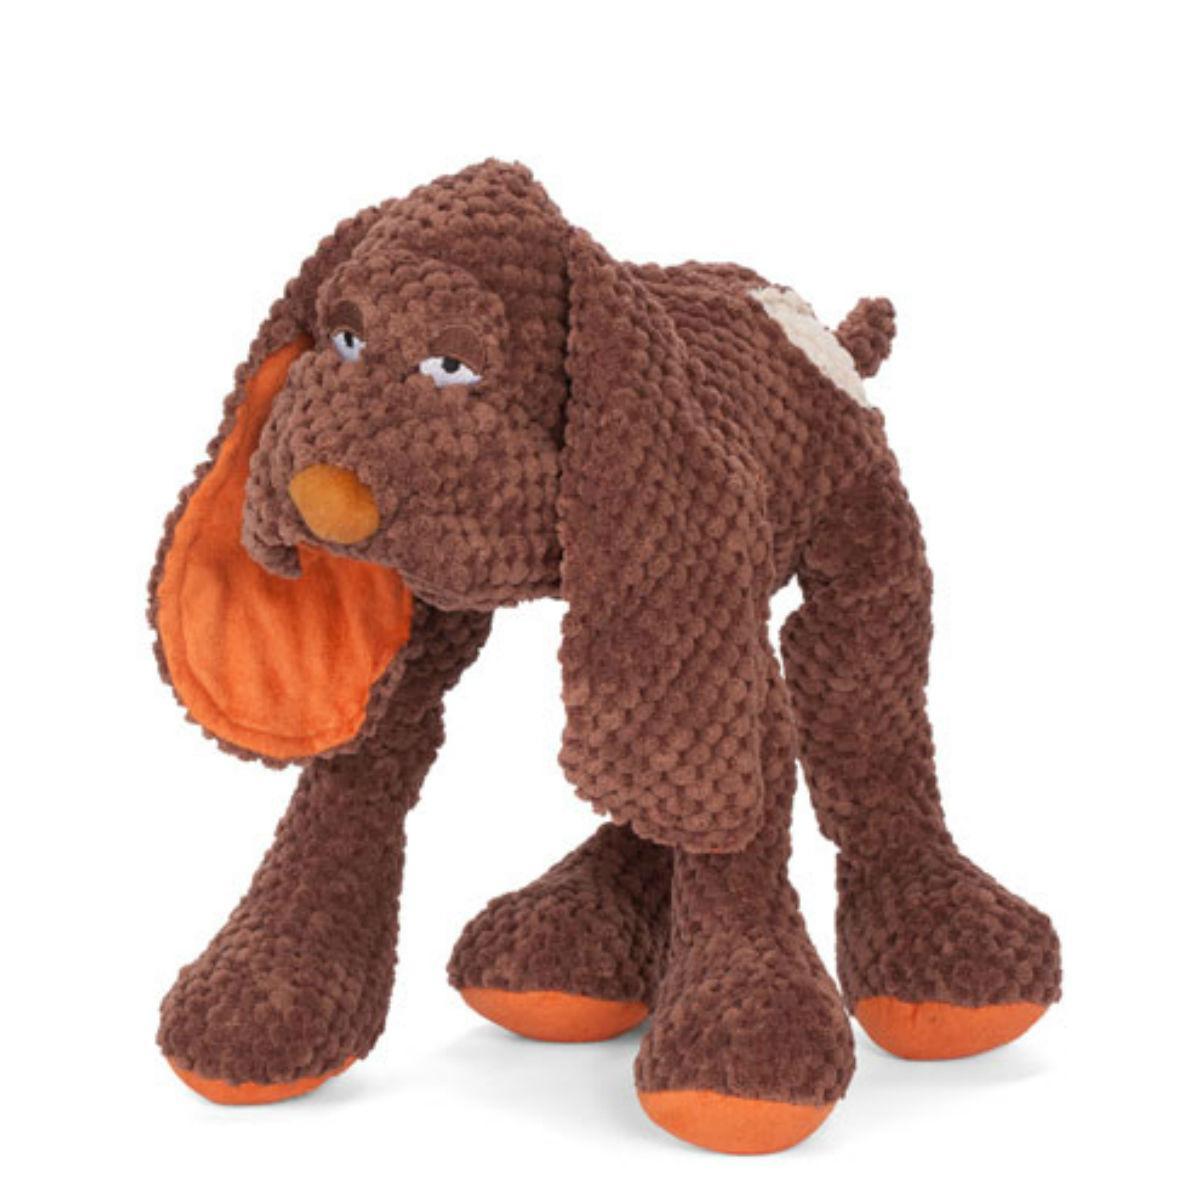 fabdog® Floppy Friends Dog Toy - Brown Dog